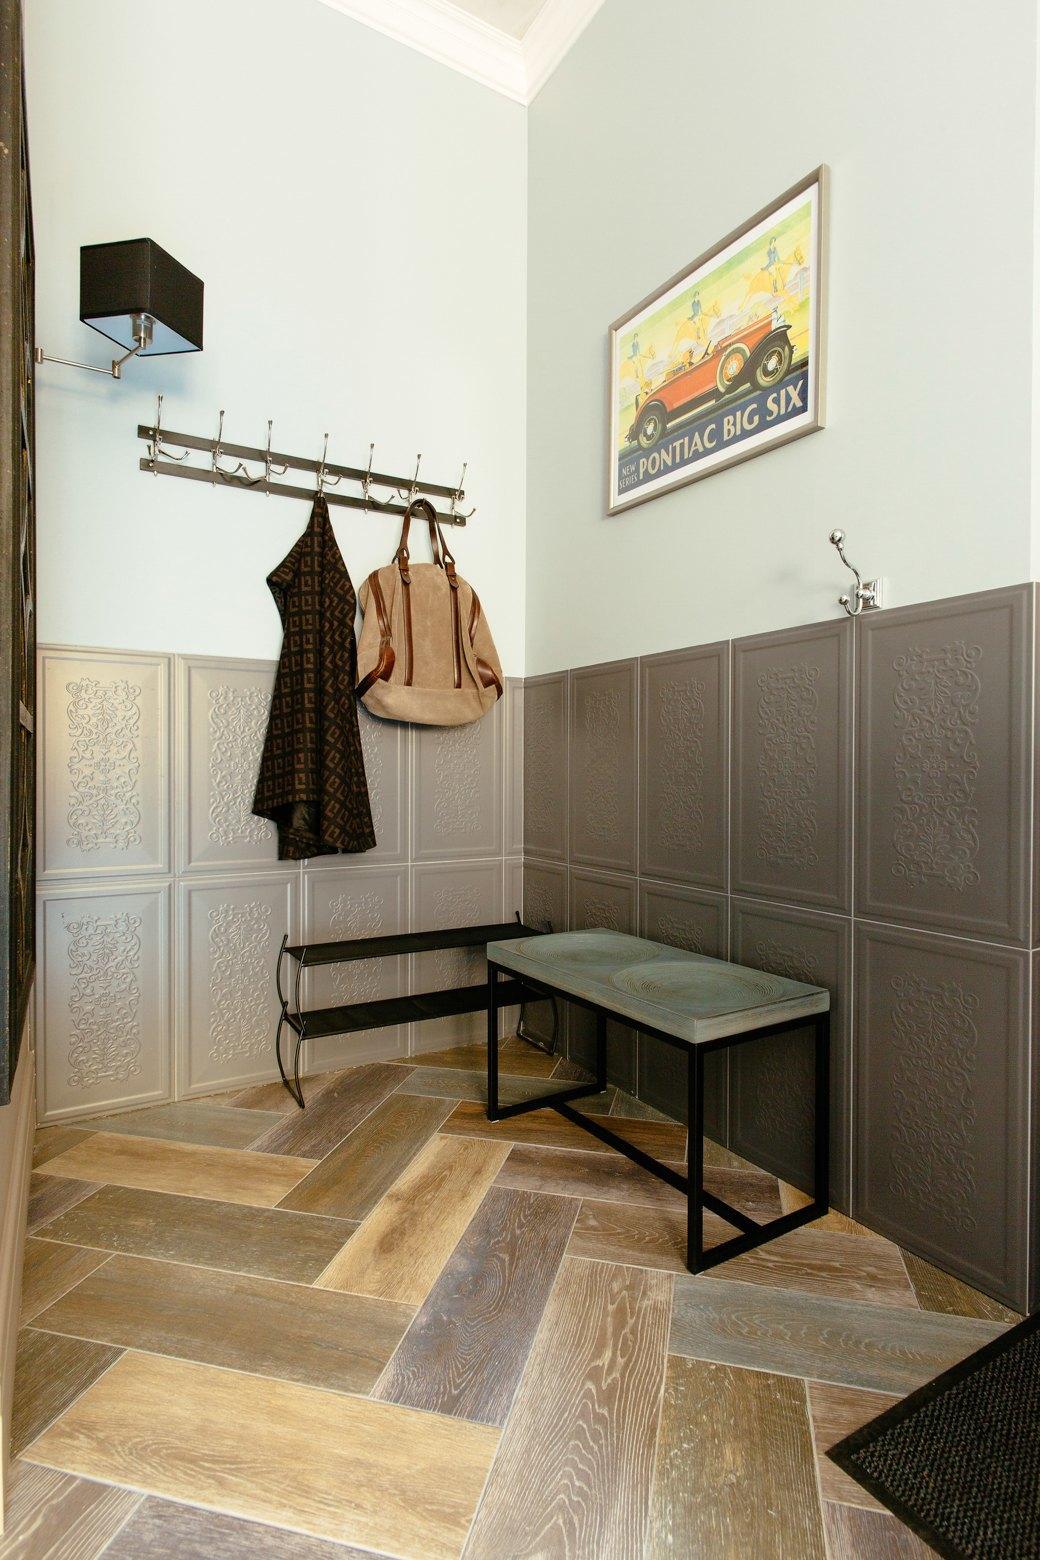 Двухкомнатные апартаменты для сдачи варенду рядом с отелем W (Петербург). Изображение № 7.